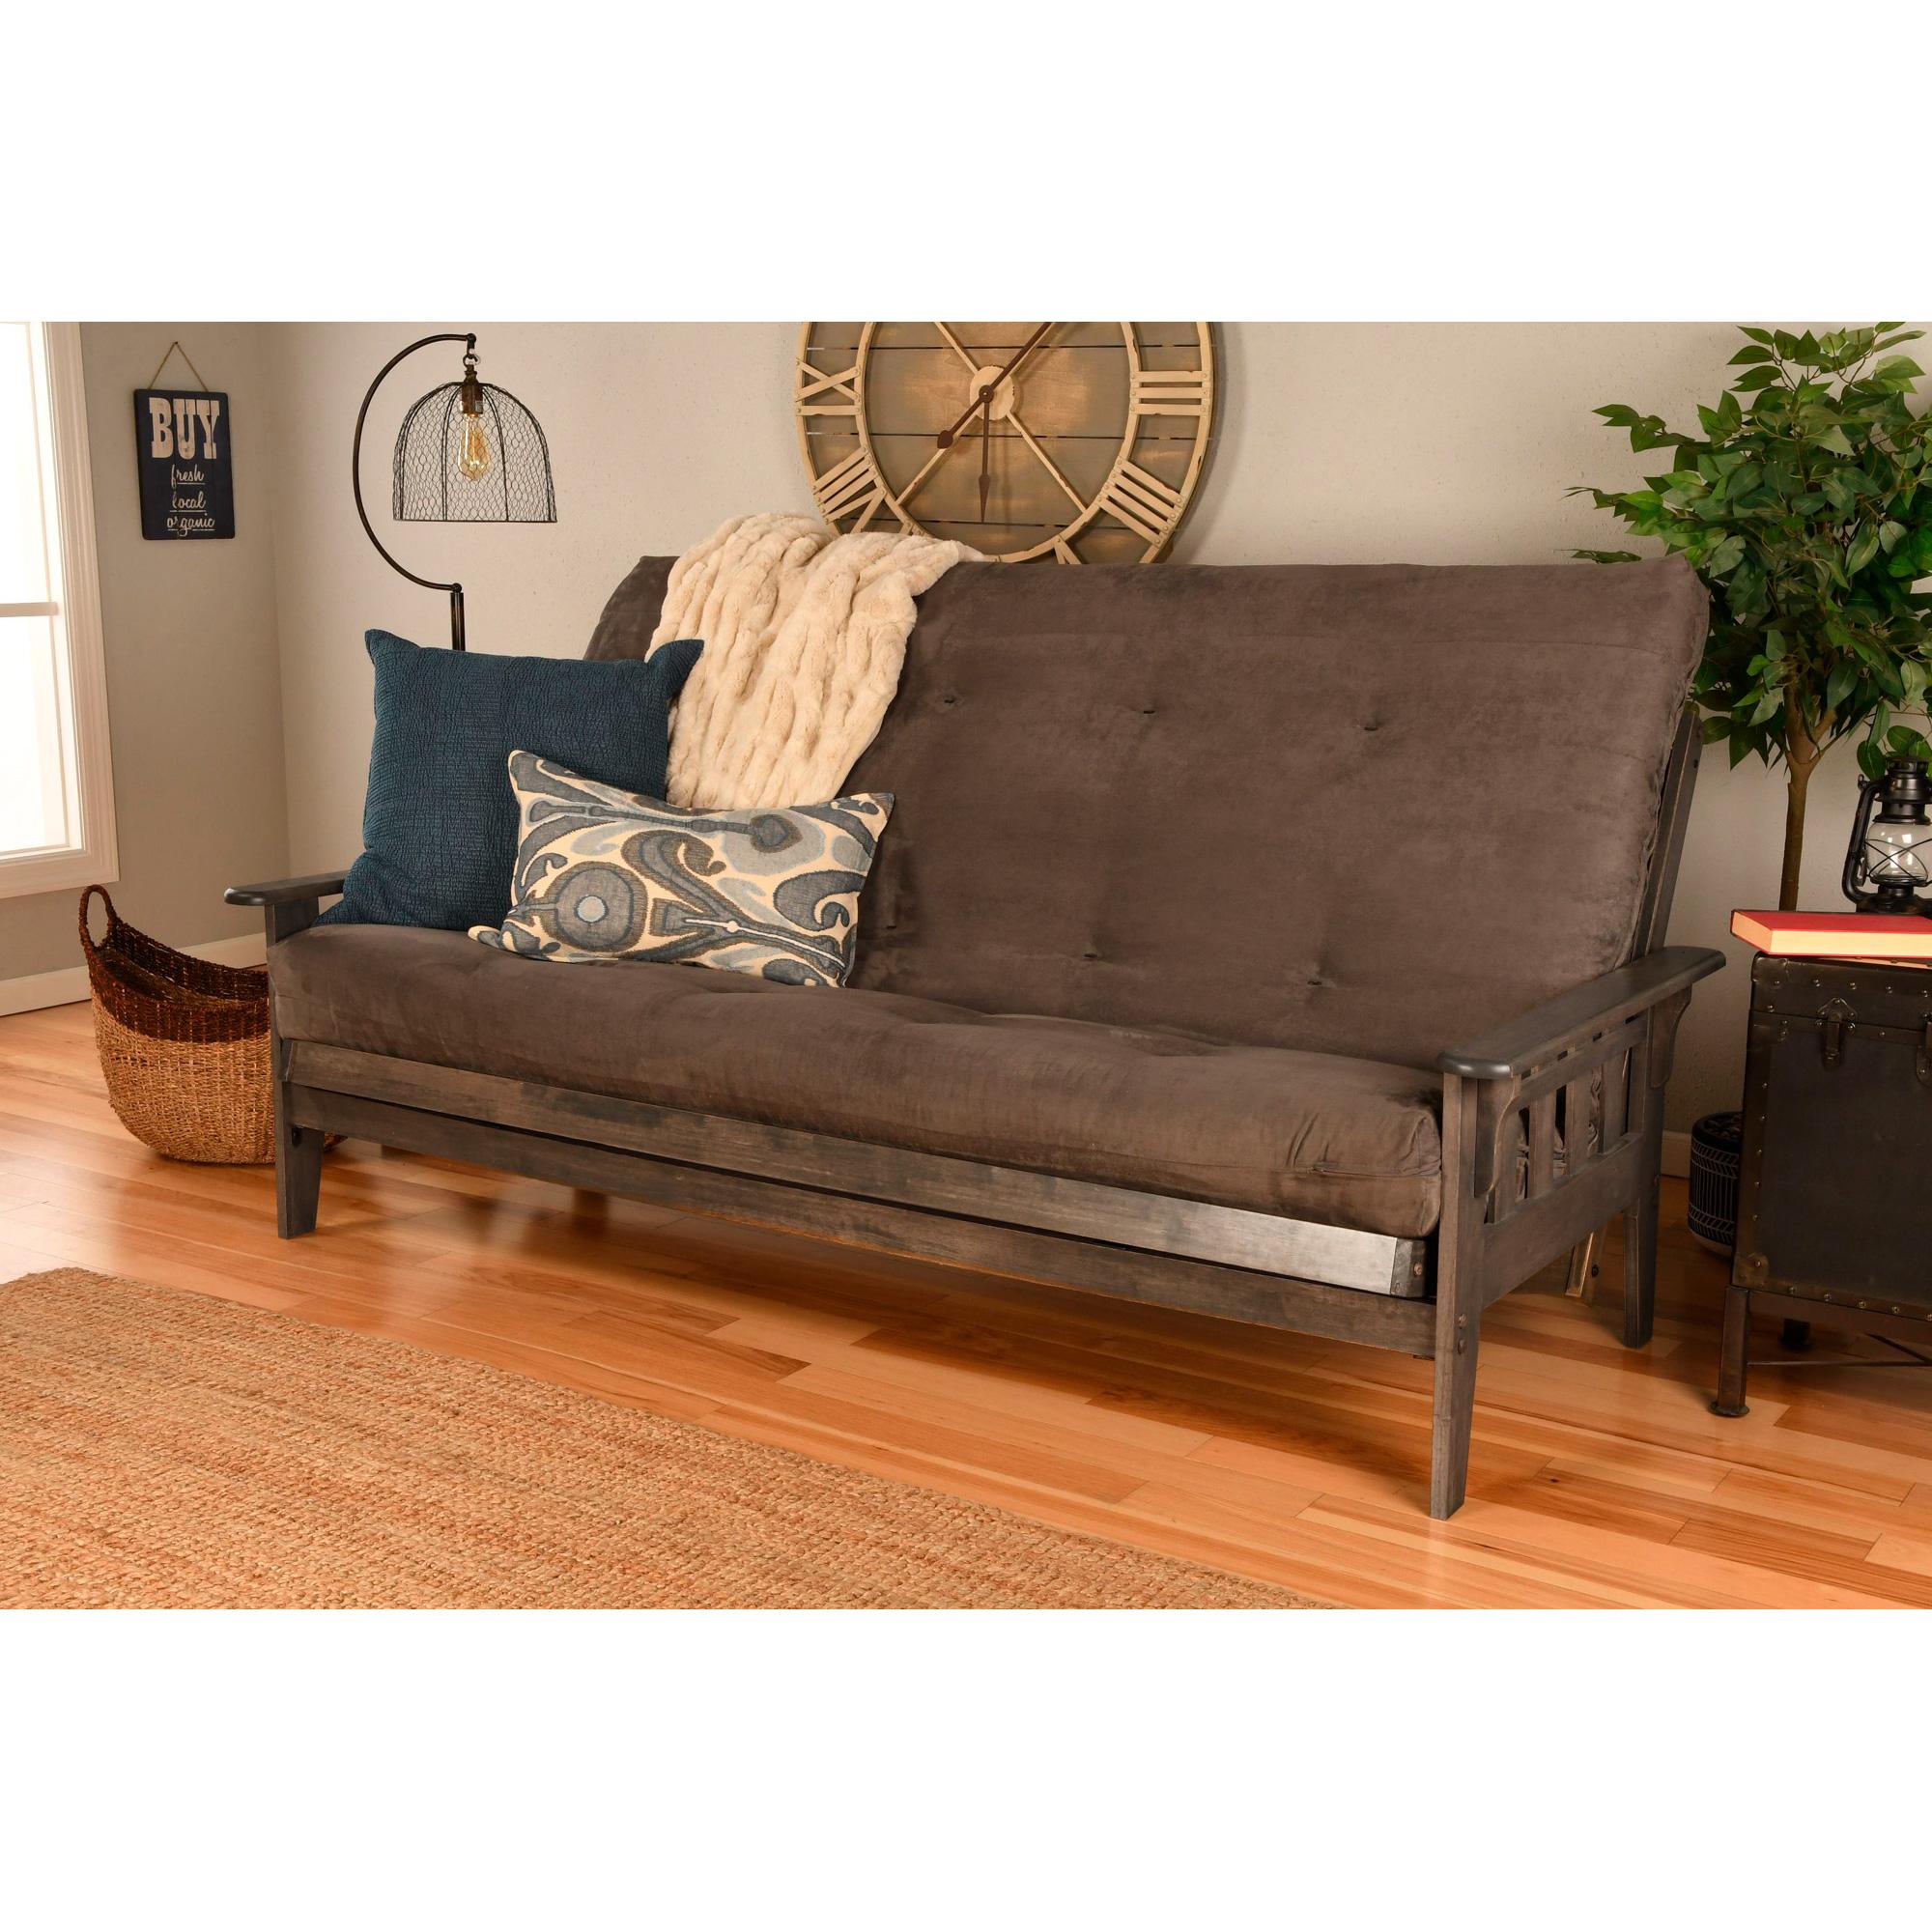 Kodiak Furniture | Tucson Rustic Walnut Queen Futon